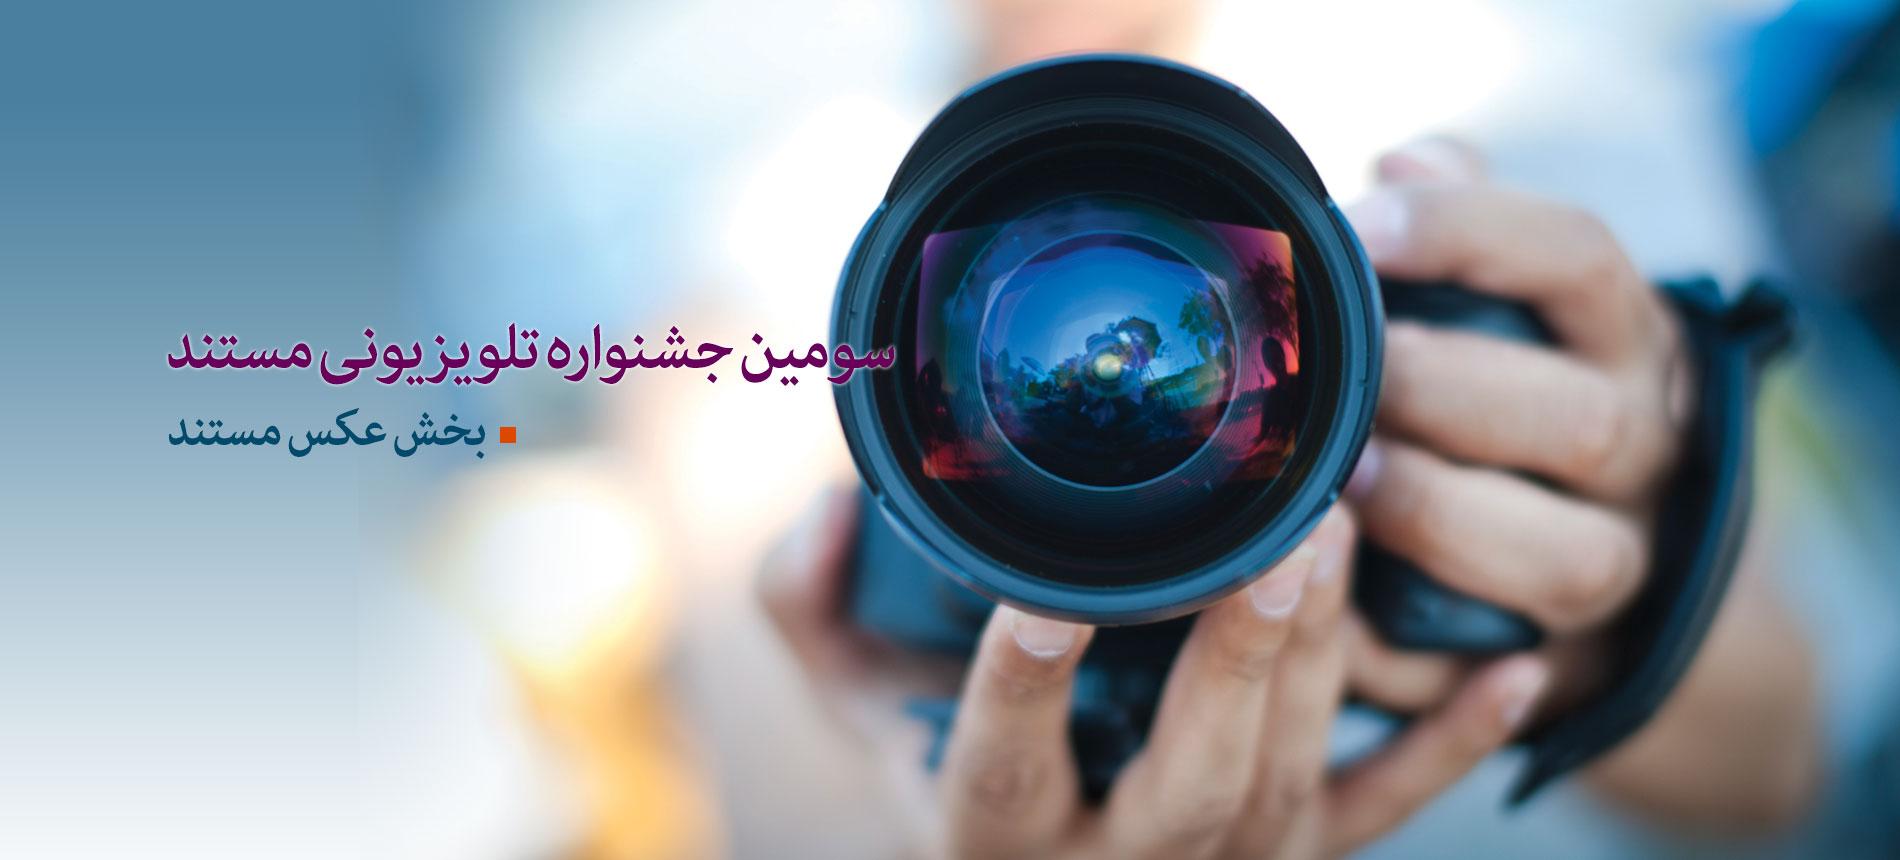 زمان اعلام اسامی داوران بخش عکس سومین جشنواره مستند